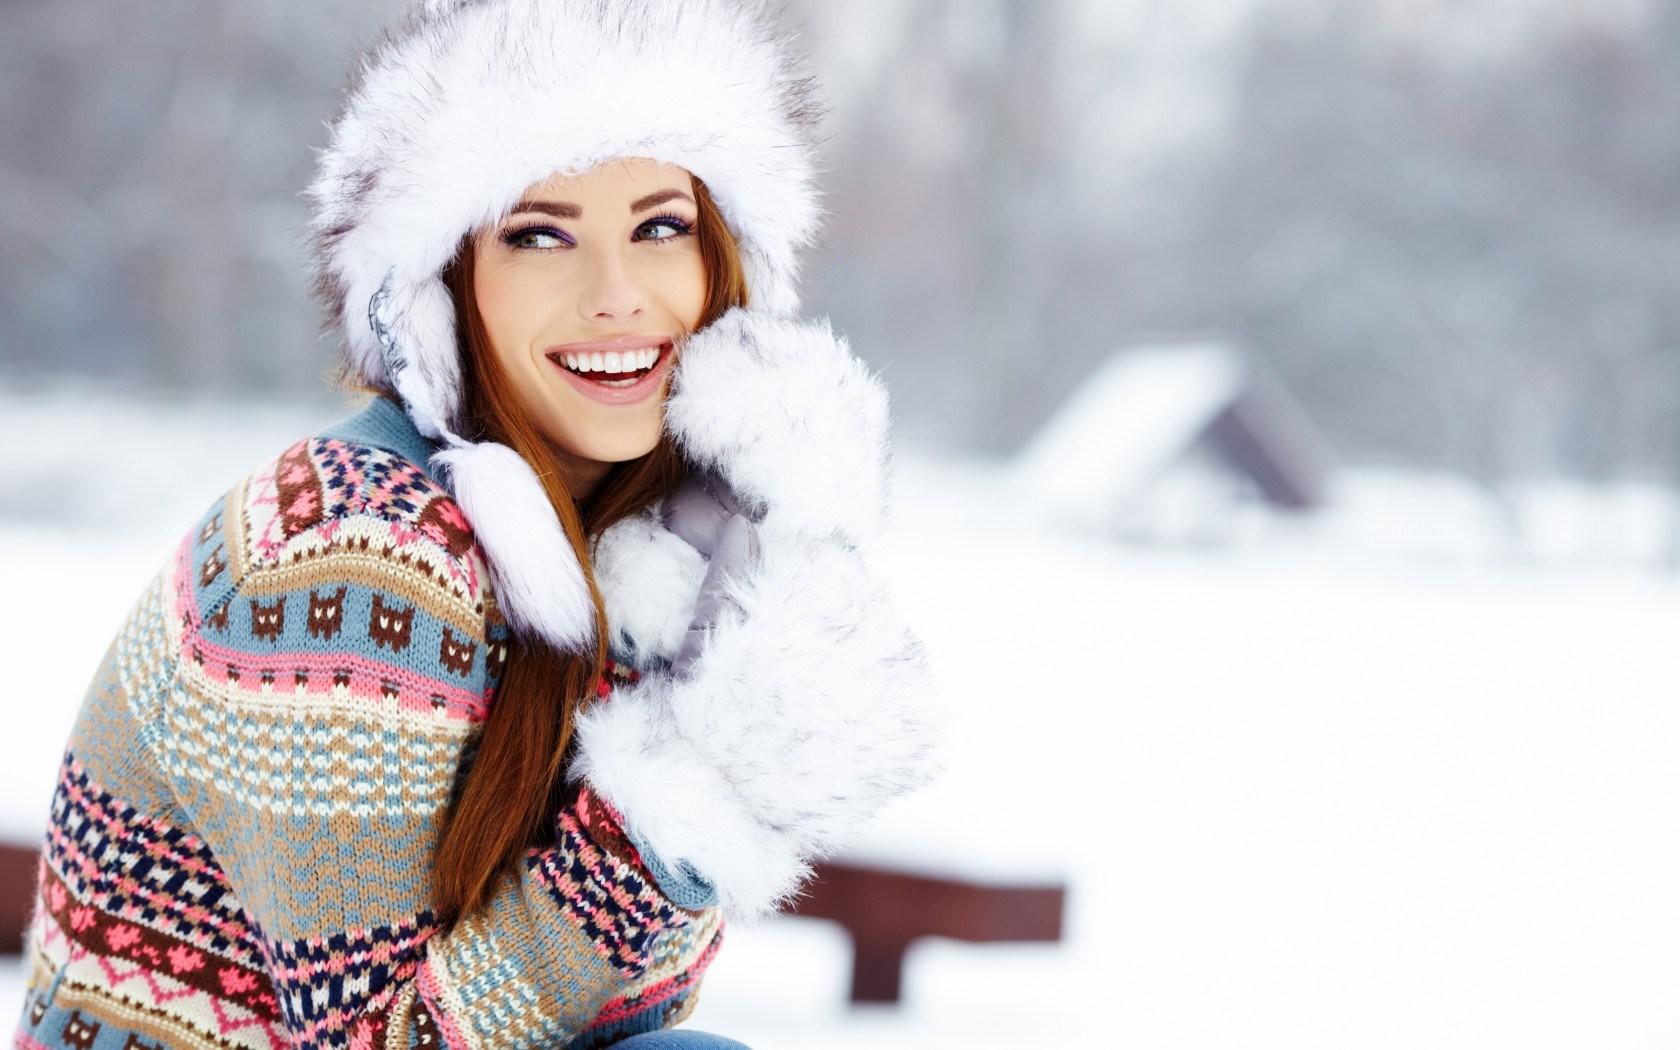 Ecco l'inverno! In arrivo freddo, gelo e un po' di neve